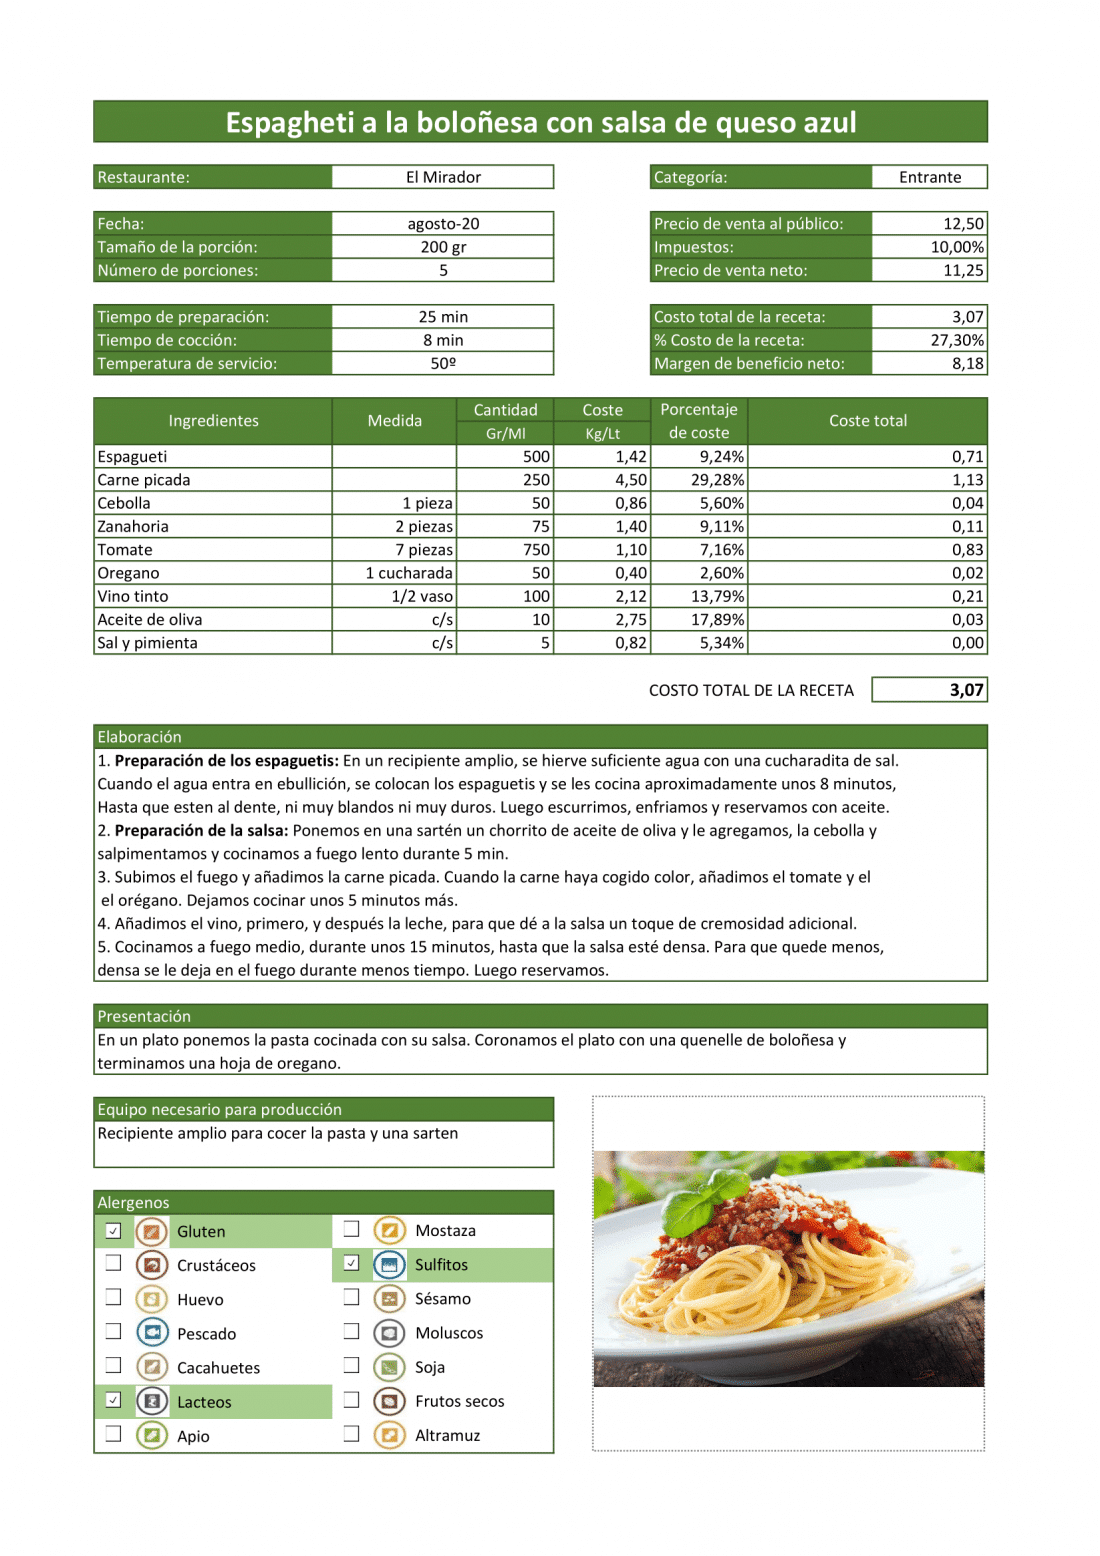 Ejemplo de receta estandarizada